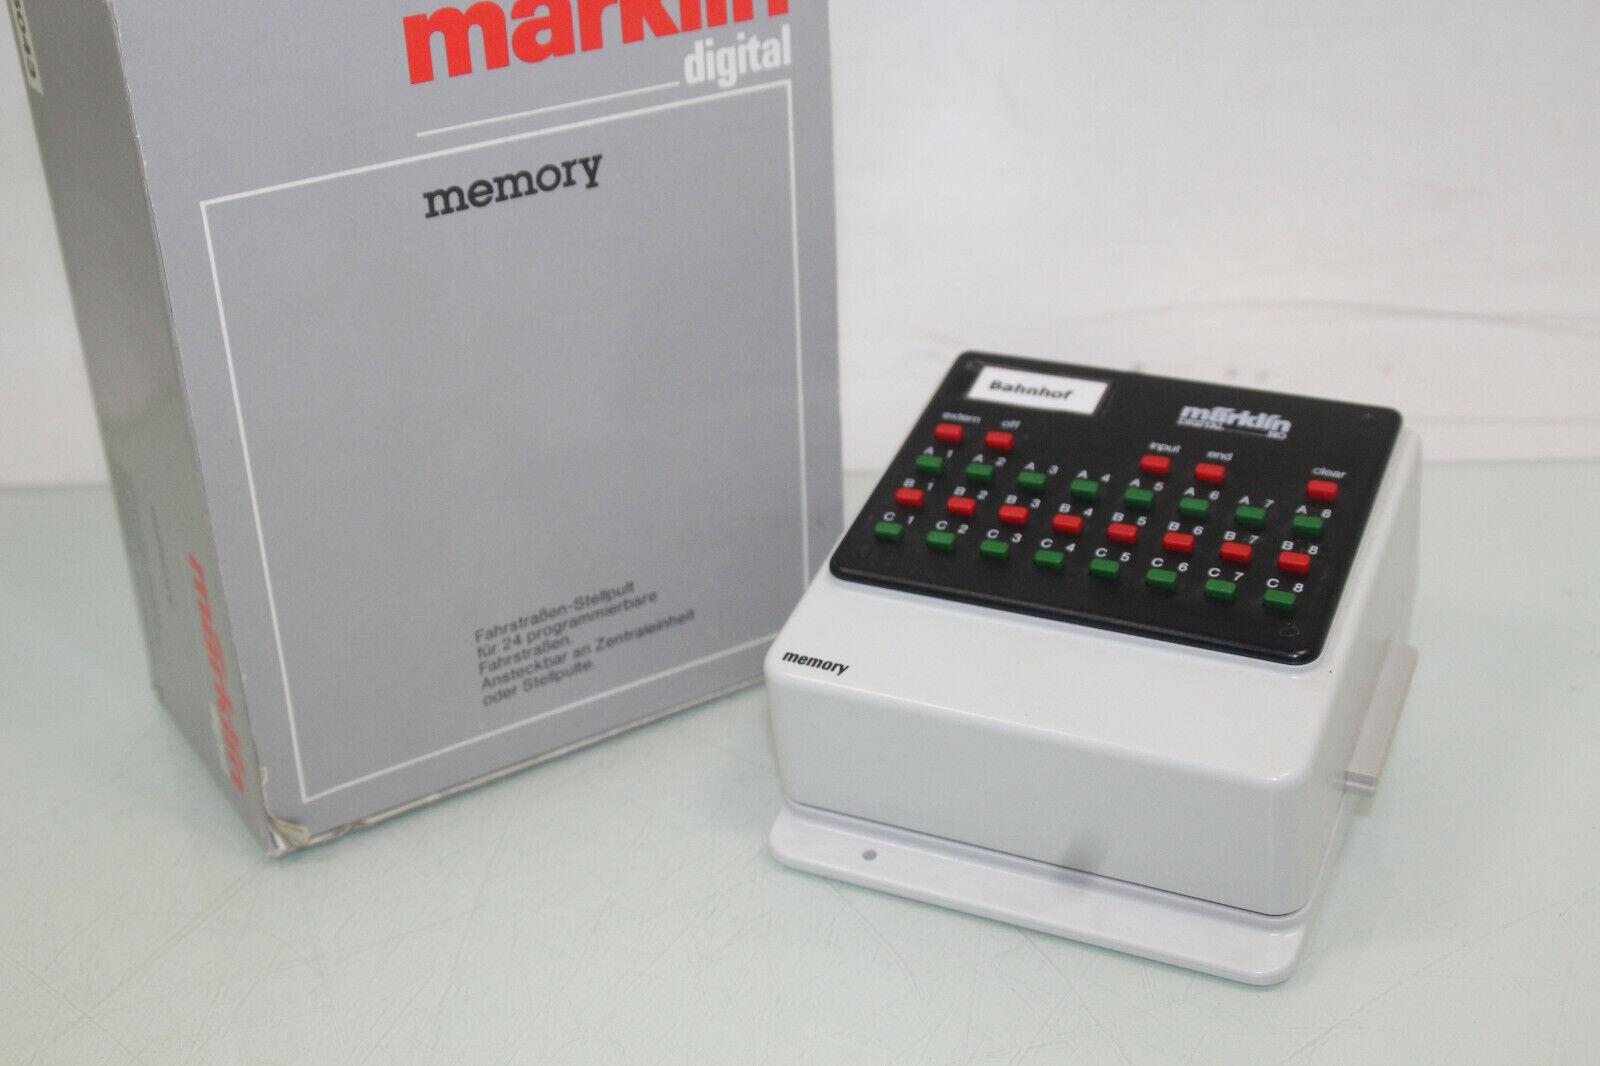 Märklin Digital 6043 Memory strade di guida-metti comandi in scatola originale (sl8941)